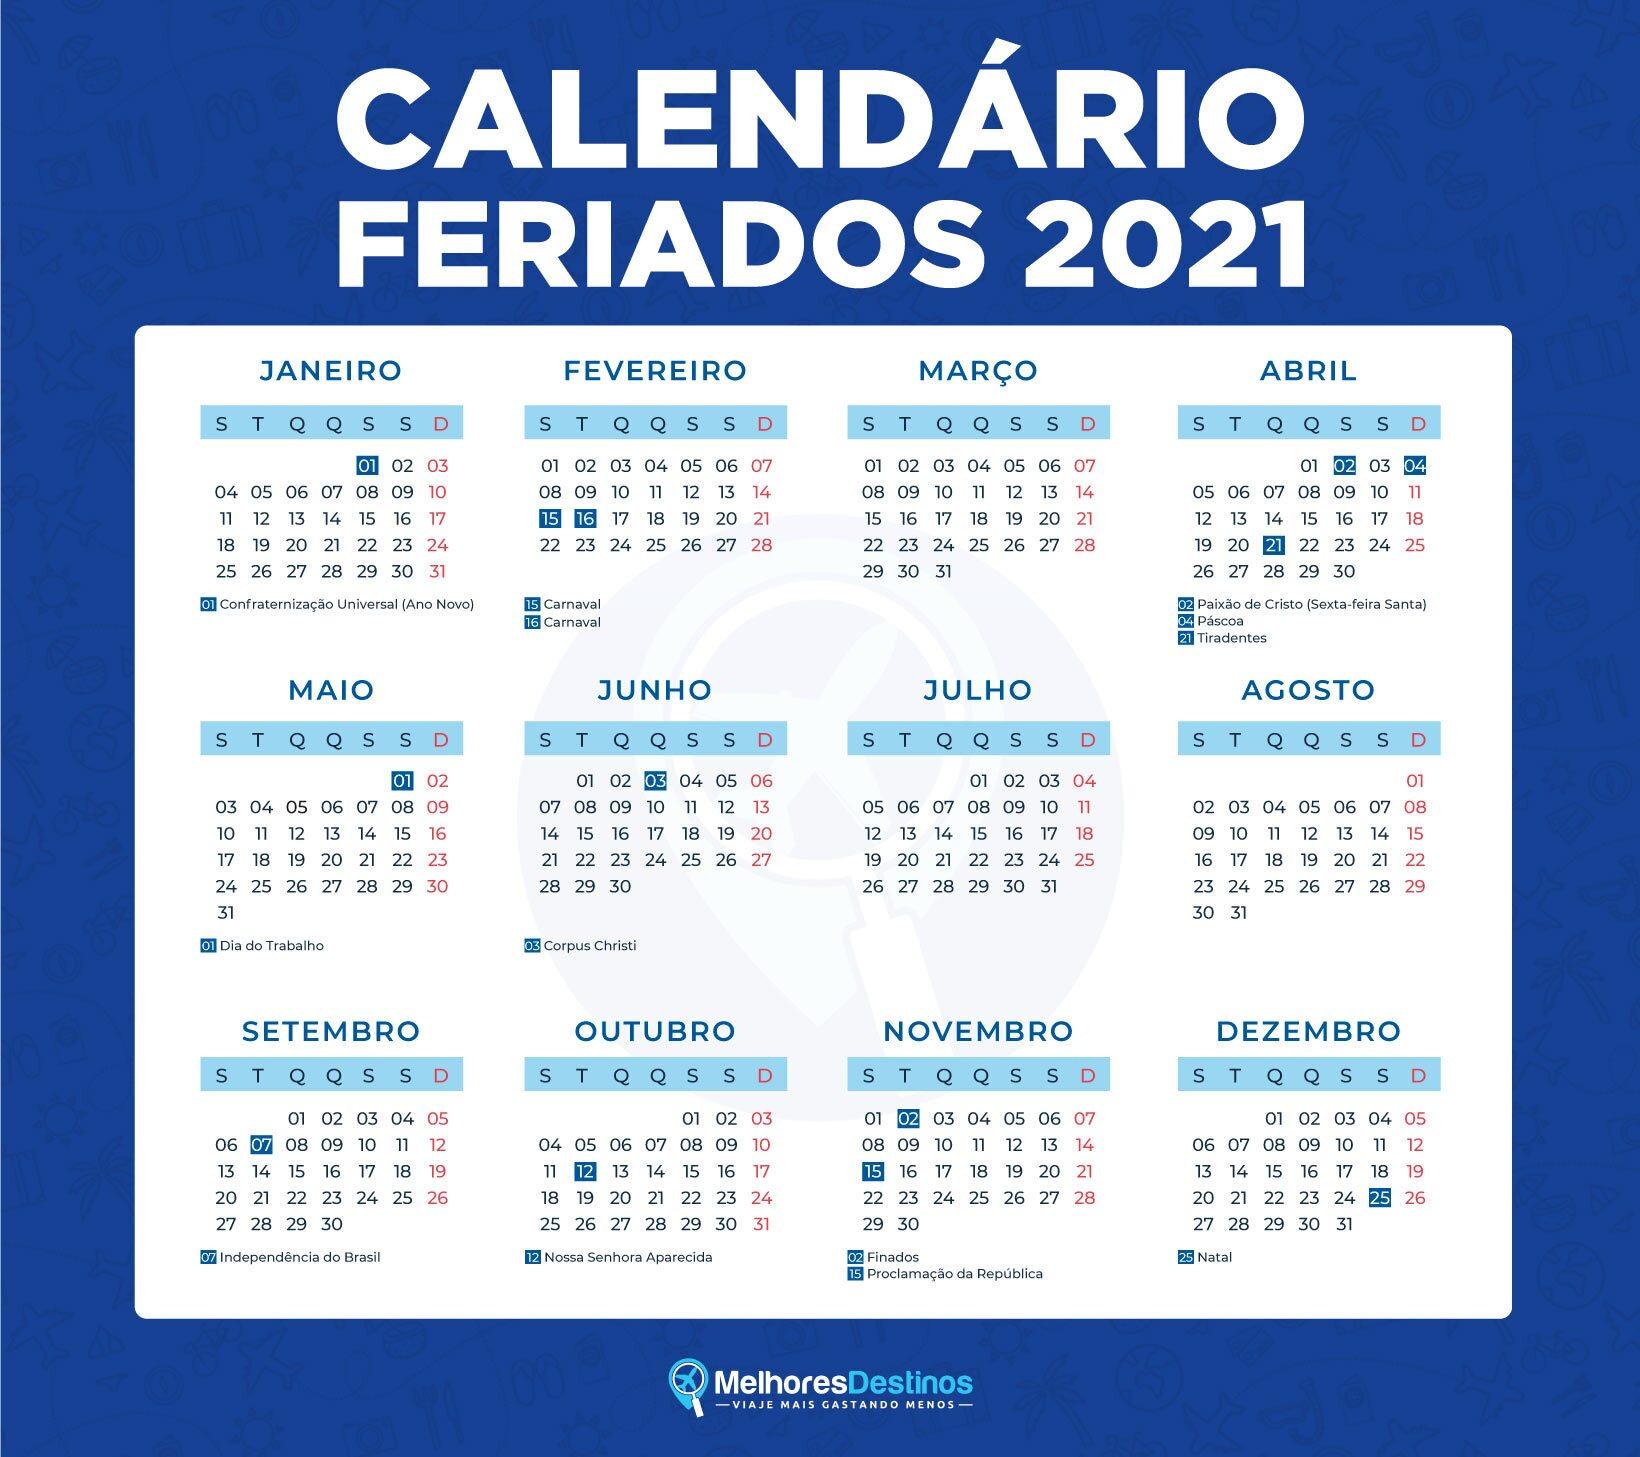 Calendário 2021 feriados